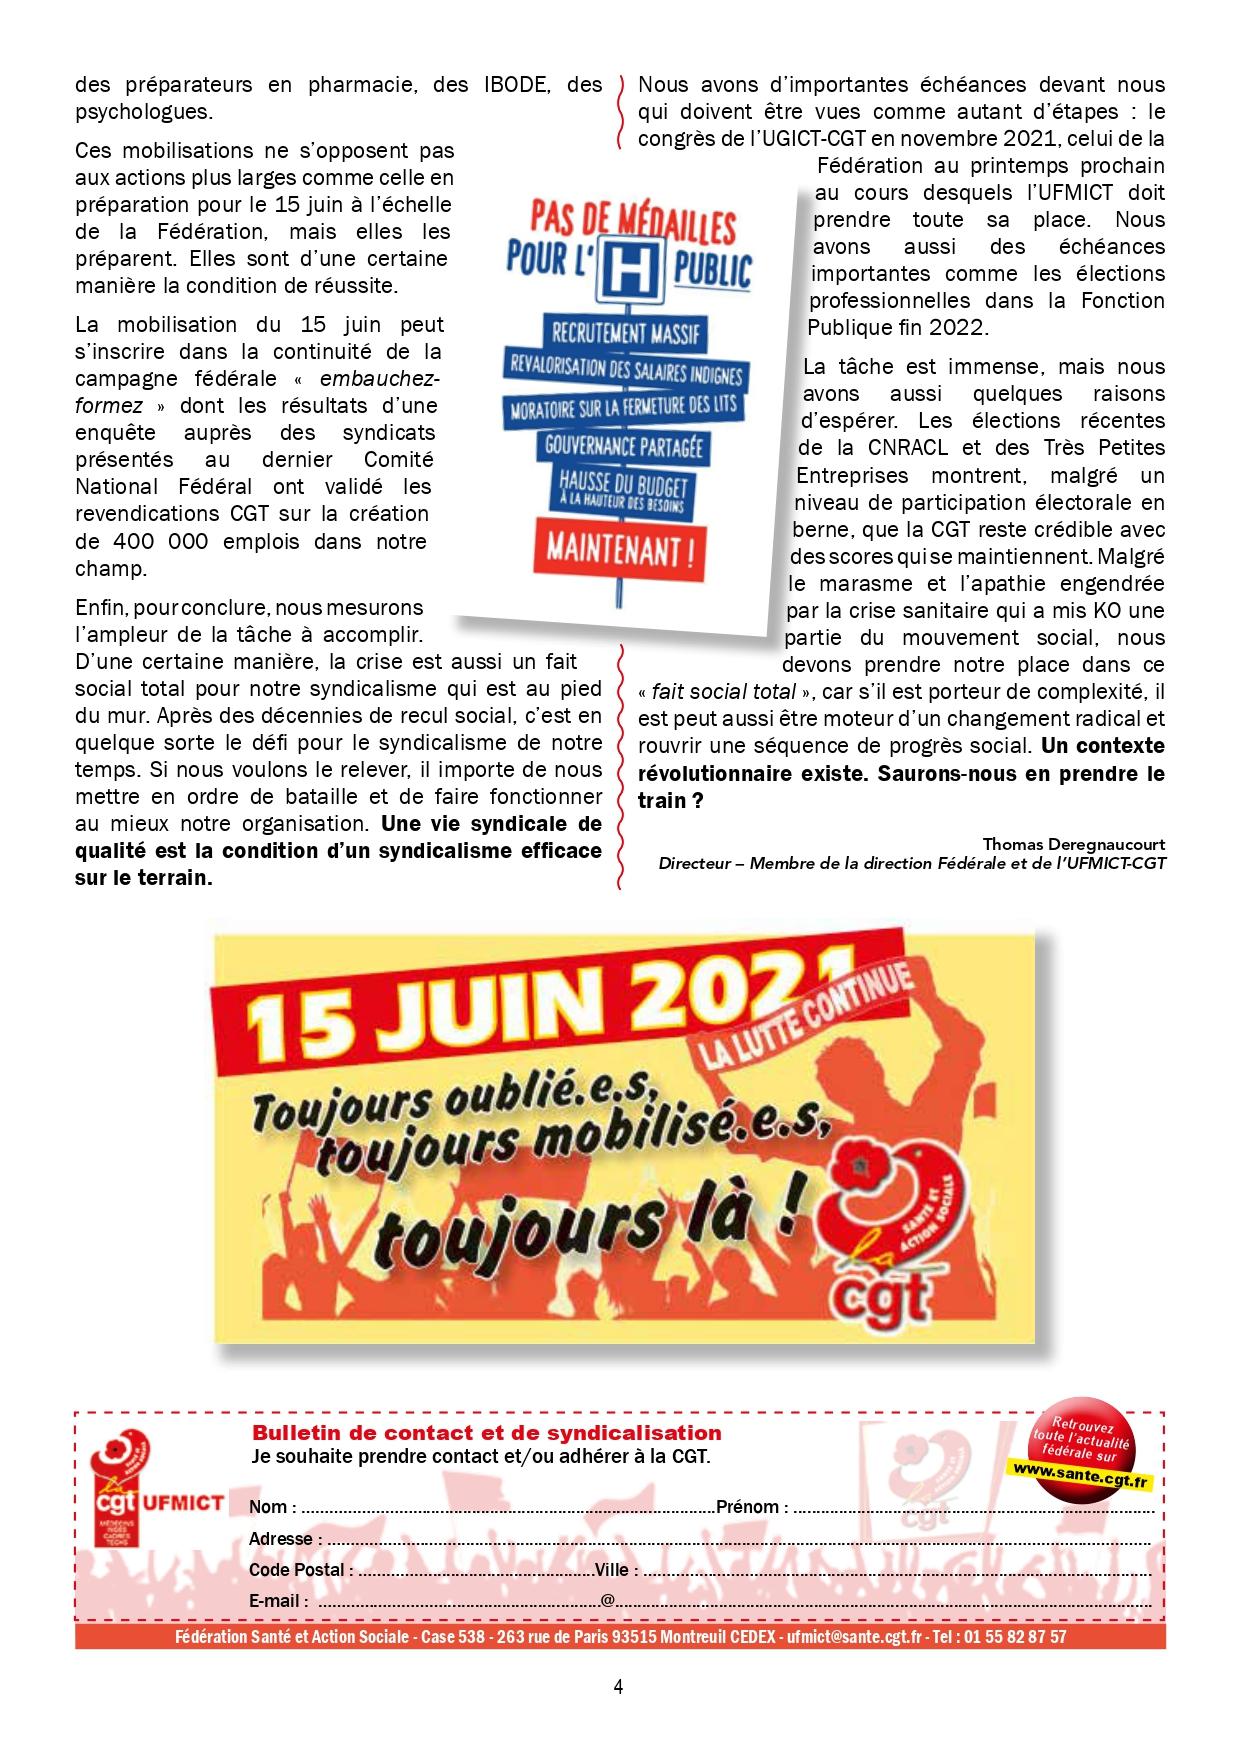 1361. UFMICT CGT Santé Options 667 du 31 mai 2021 (4)